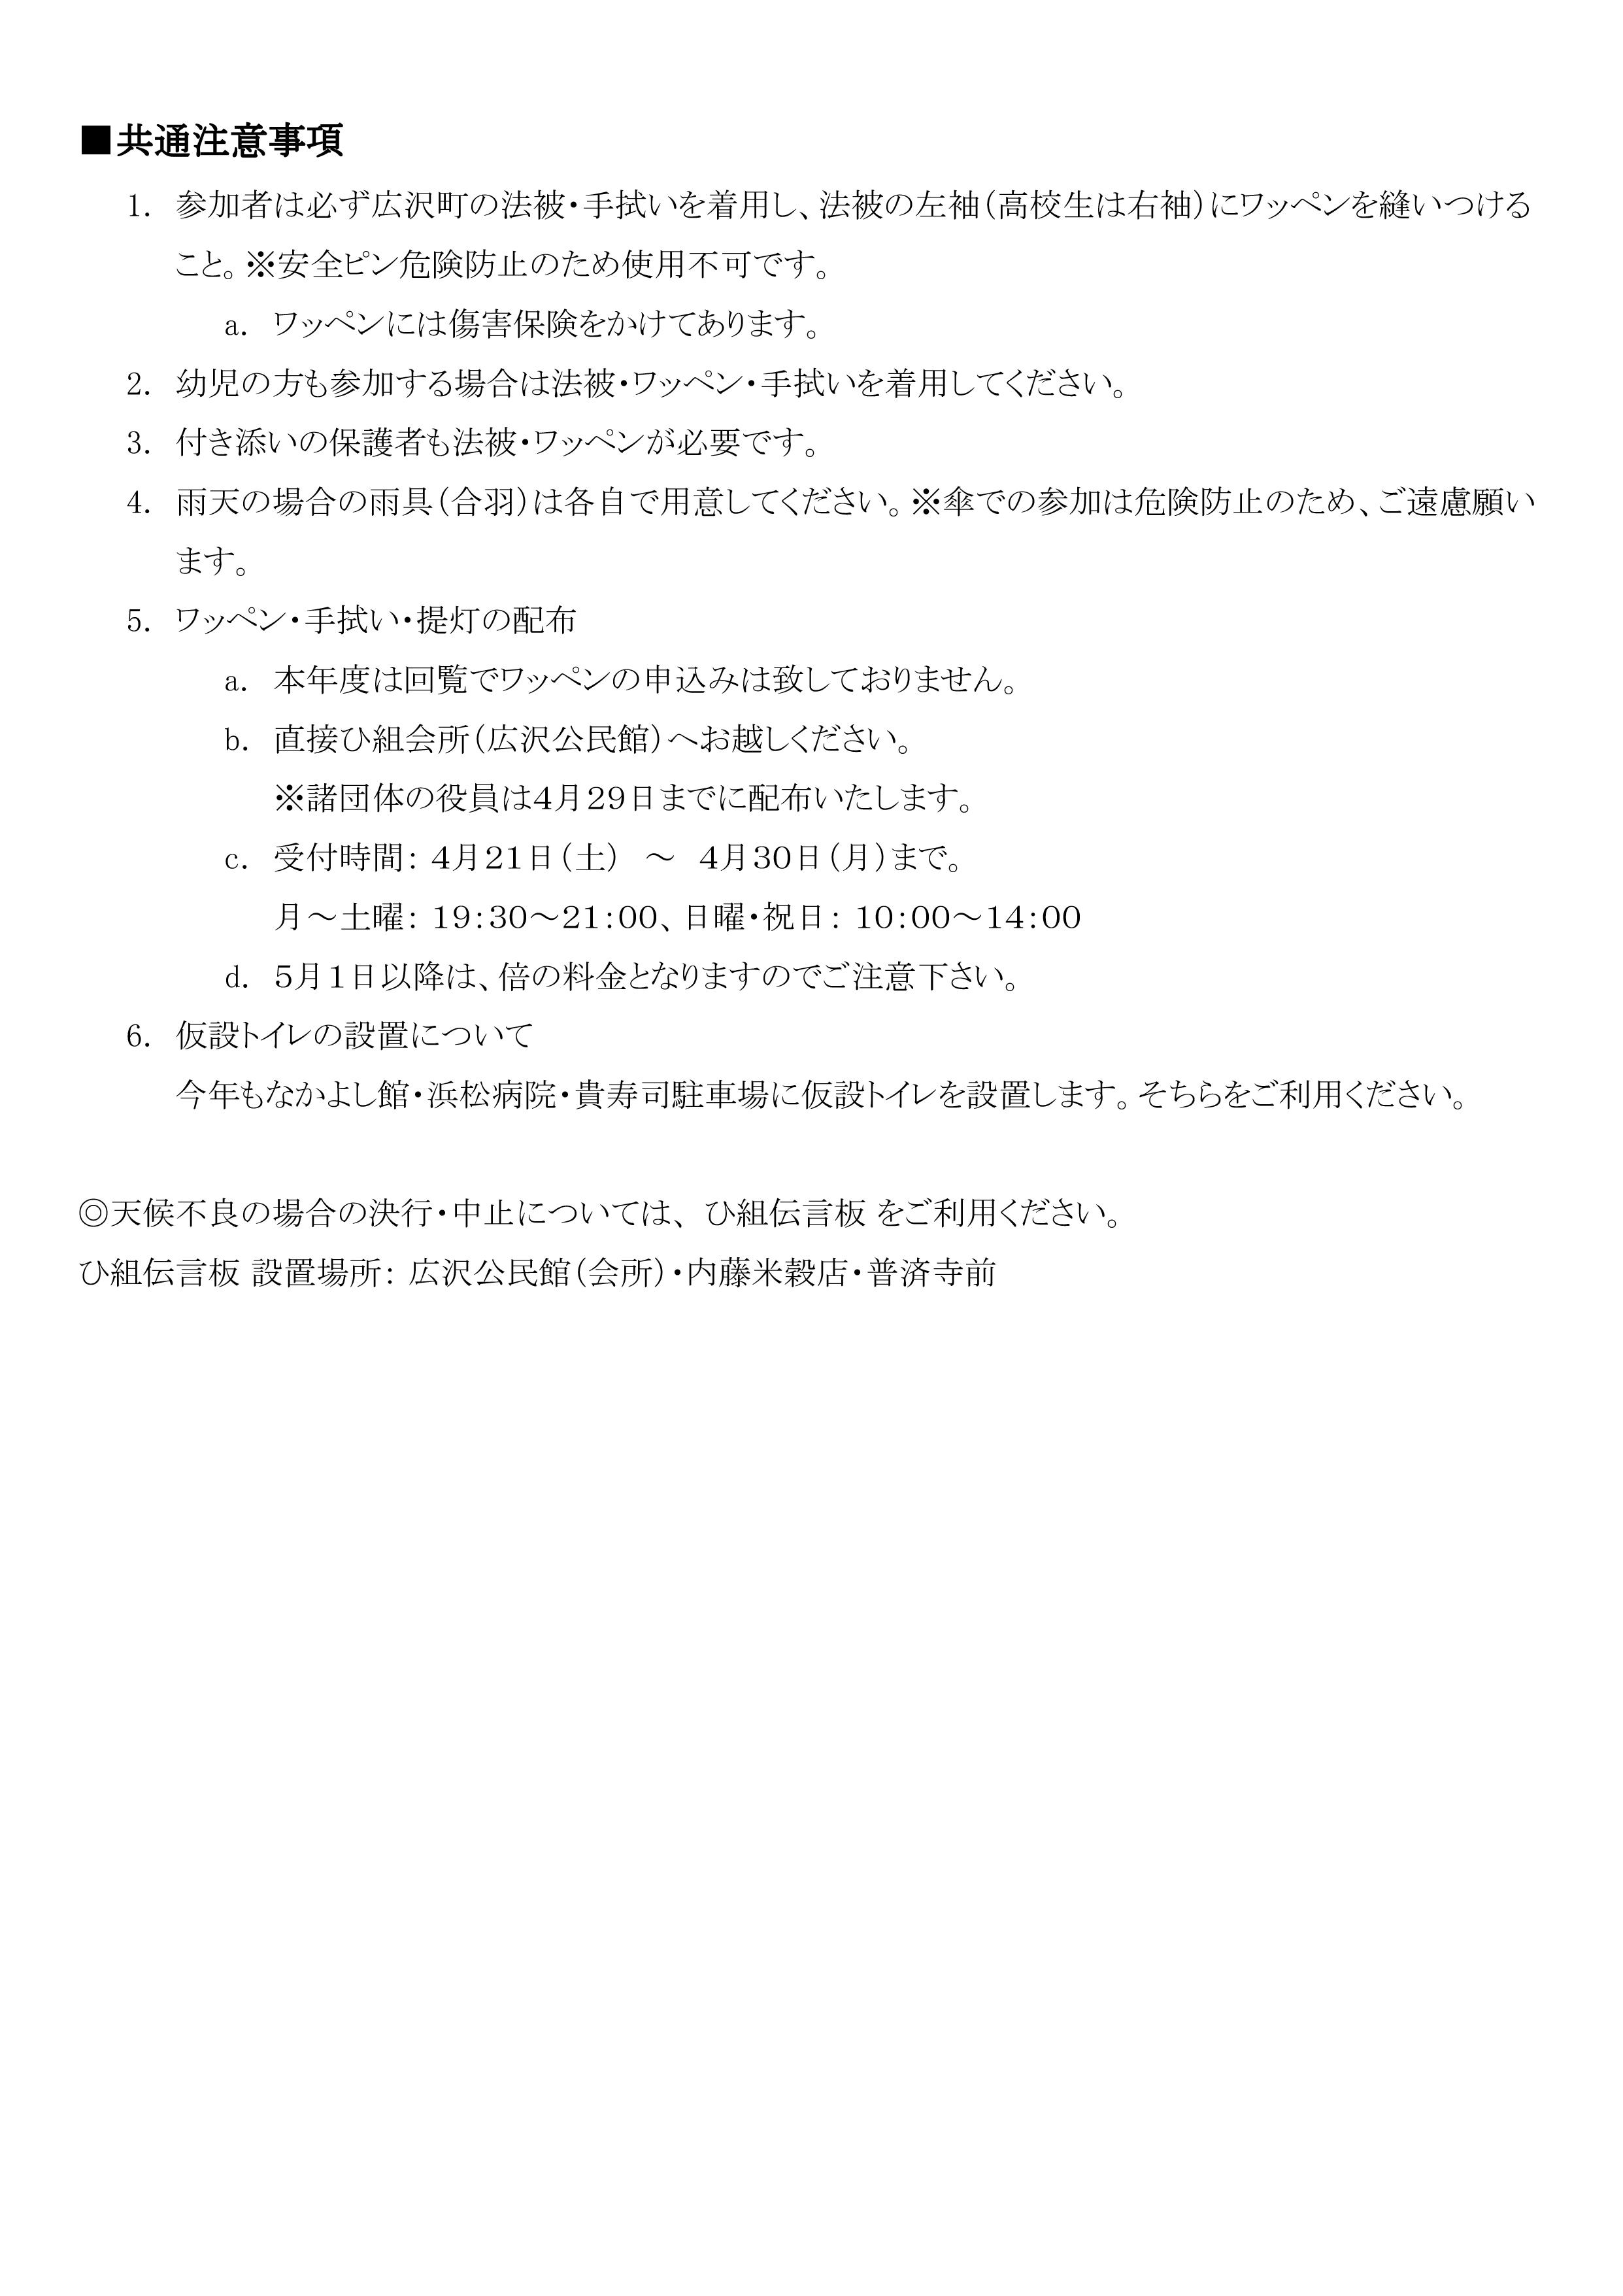 【回覧資料 平成30年4月20日】共通注意事項